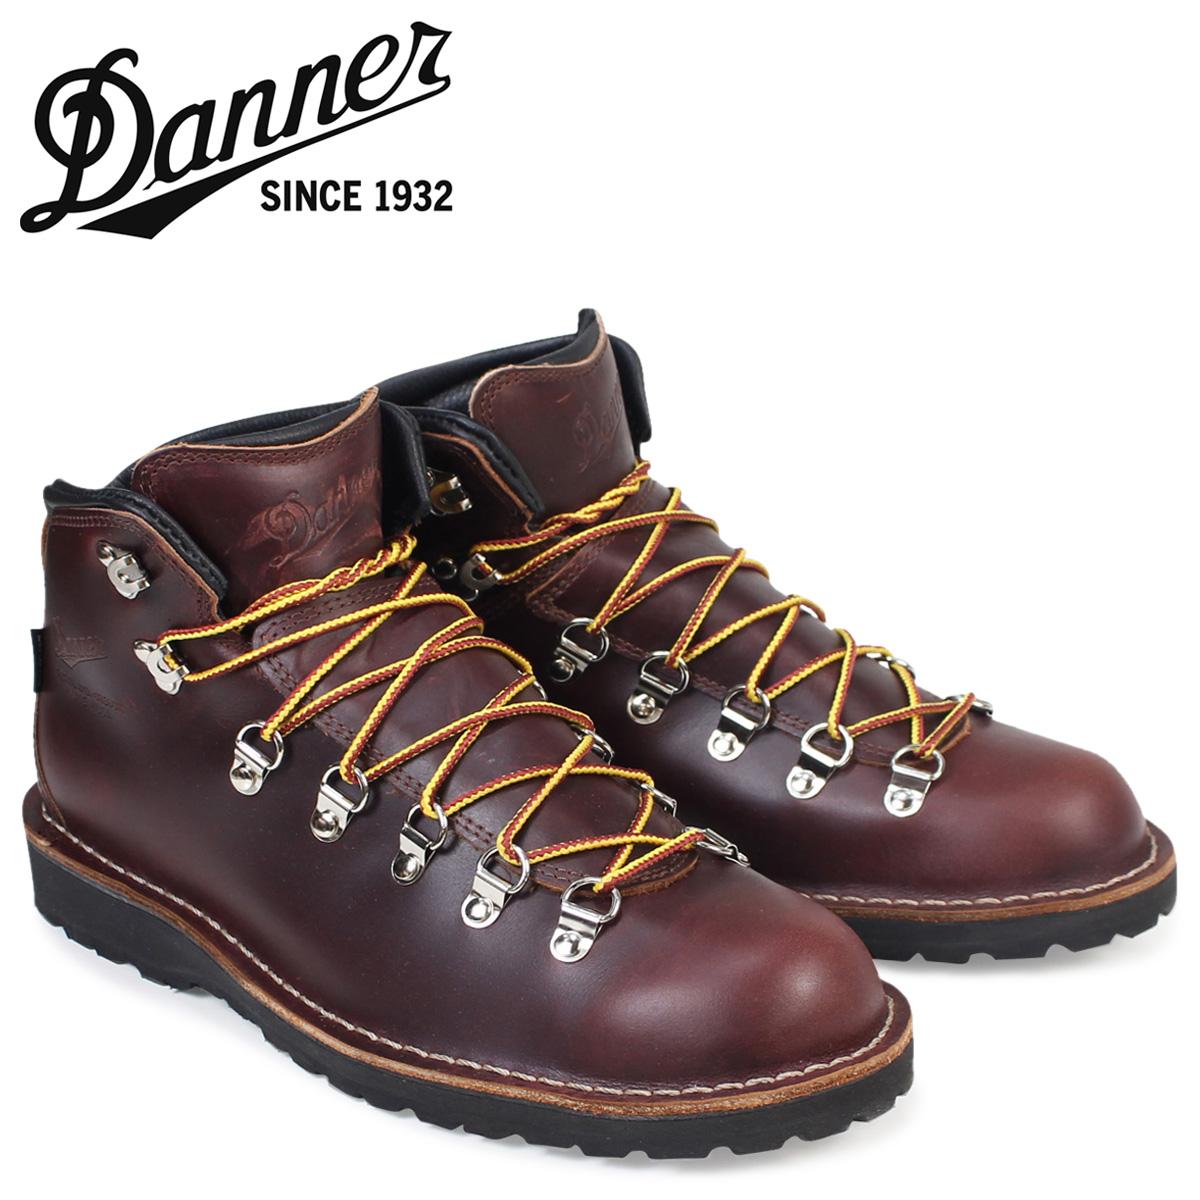 超熱 Danner ブーツ MADE ダナー メンズ MOUNTAIN PASS 33280 MADE IN 33280 USA メンズ ブラウン, 西合志町:75644860 --- canoncity.azurewebsites.net